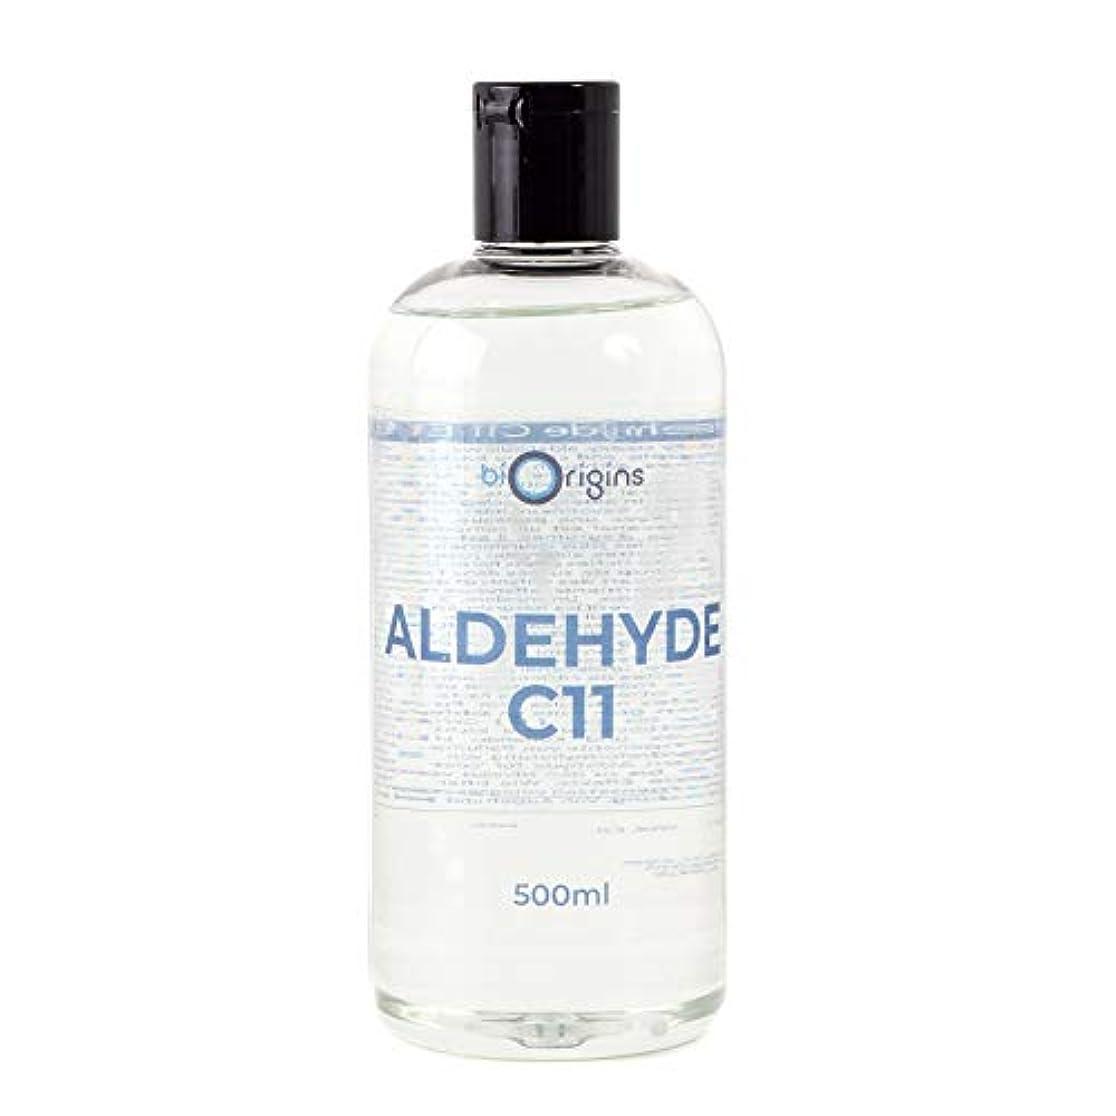 スキャンダラスコショウびんMystic Moments | Aldehyde C11 ENIC (Undecenal) - 1 Litre